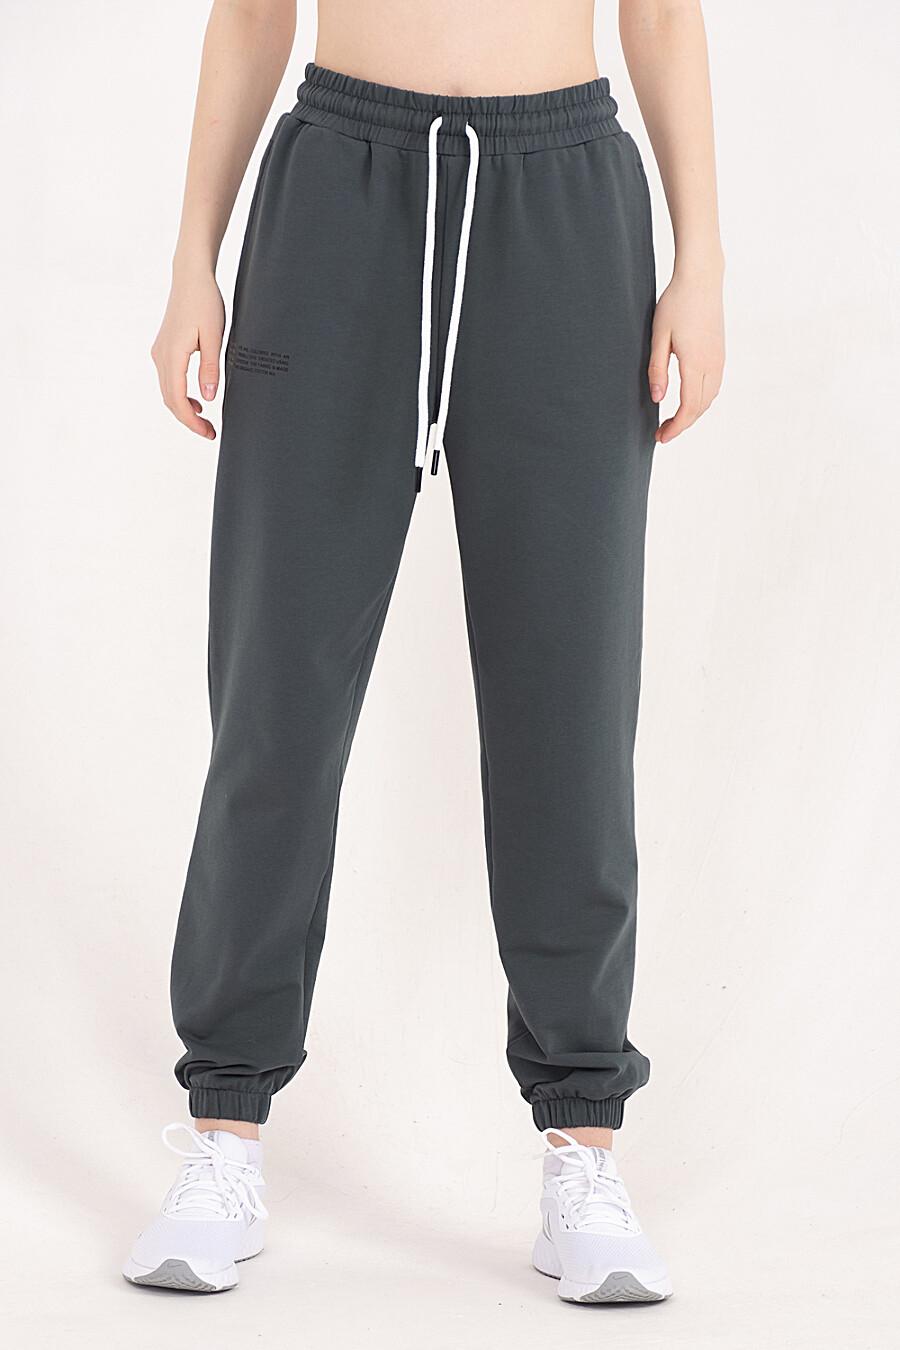 Брюки 16062 для женщин НАТАЛИ 649273 купить оптом от производителя. Совместная покупка женской одежды в OptMoyo